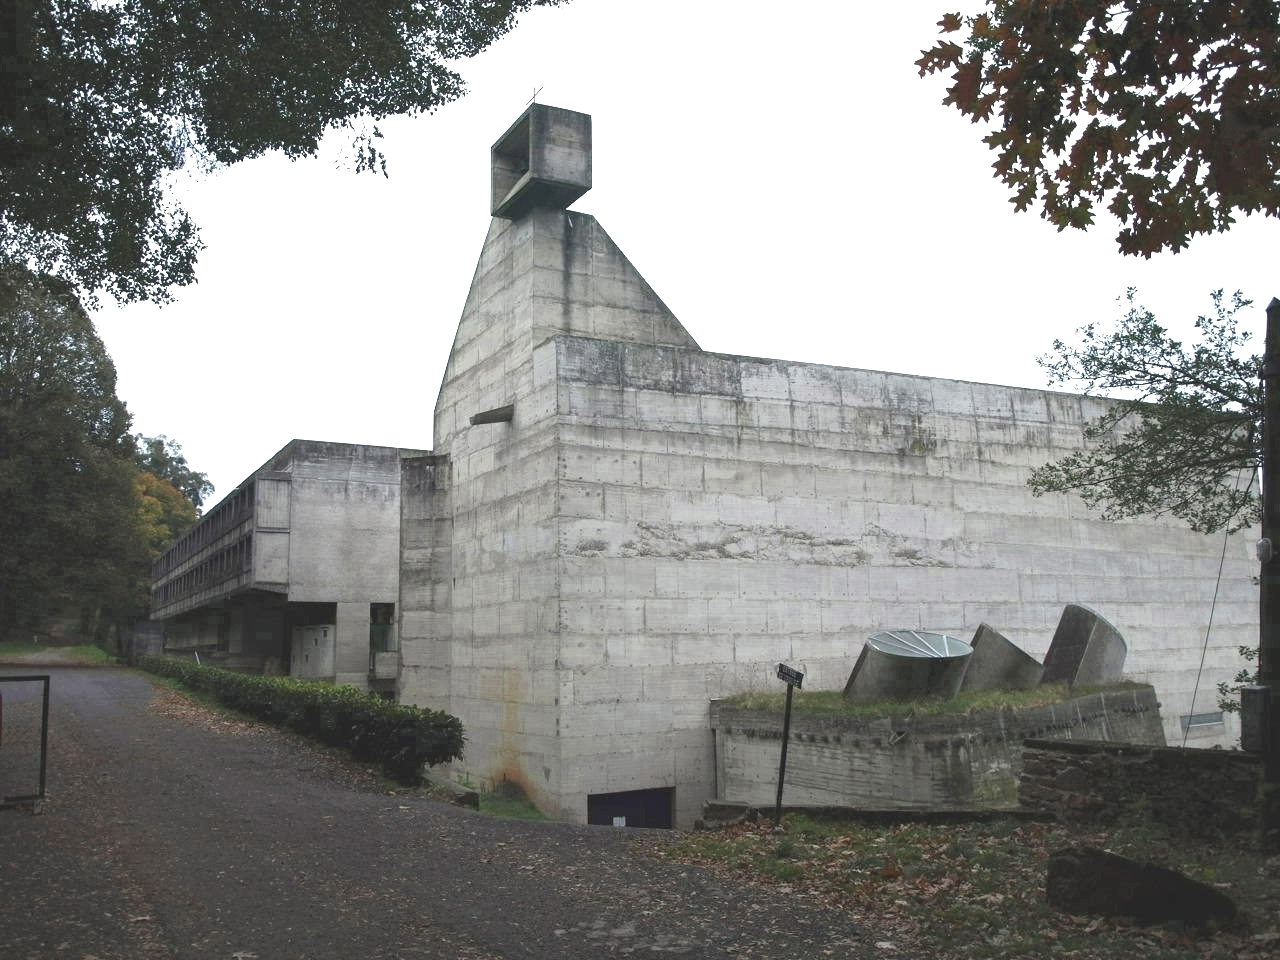 ラ・トゥーレット修道院の画像 p1_24